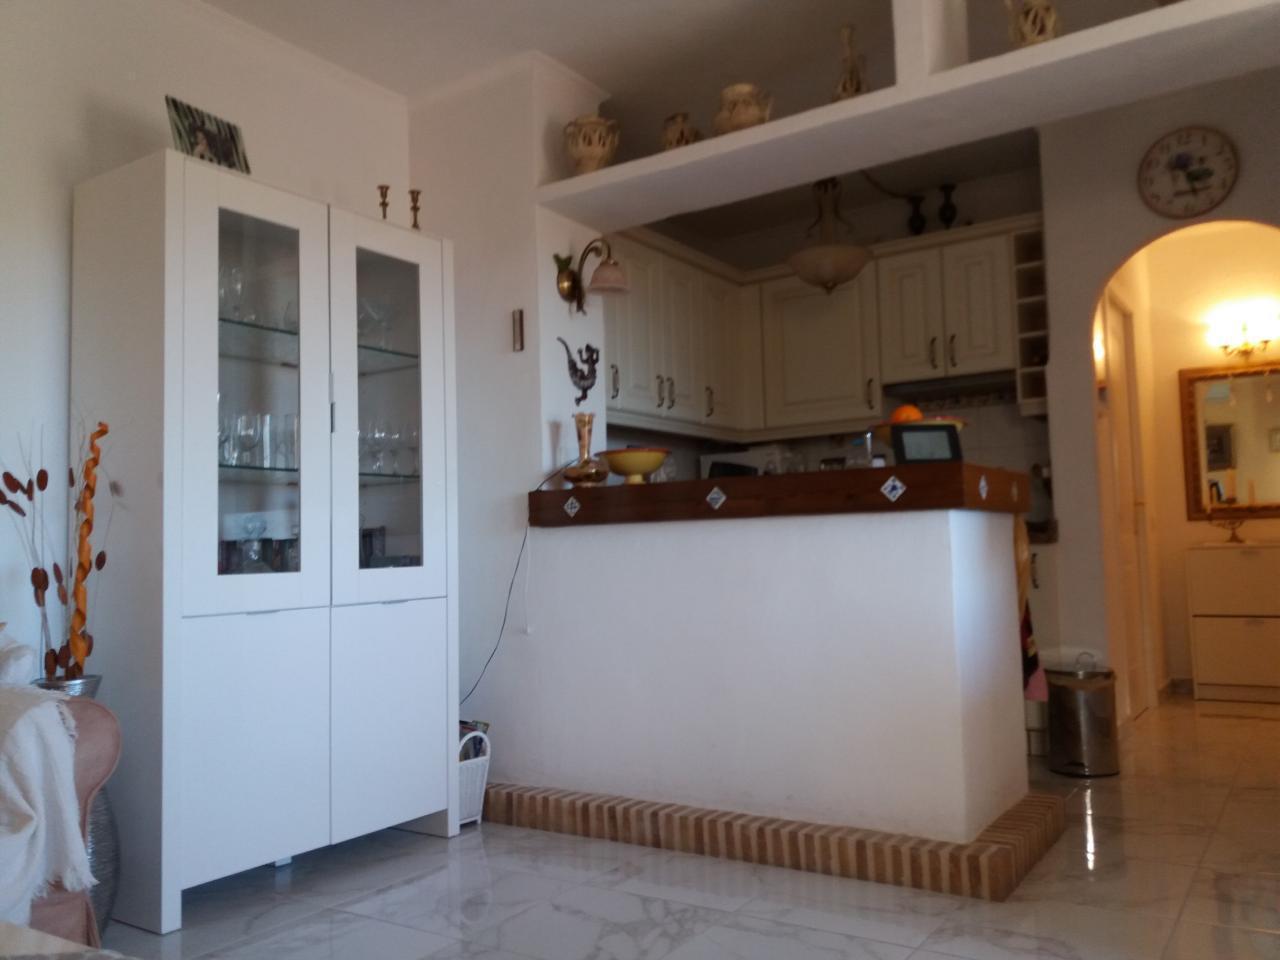 Ferienhaus Komfortabler Meerblick-Bungalow mit Aircondition und Internet in Moraira-Teulada (1696168), Moraira, Costa Blanca, Valencia, Spanien, Bild 16